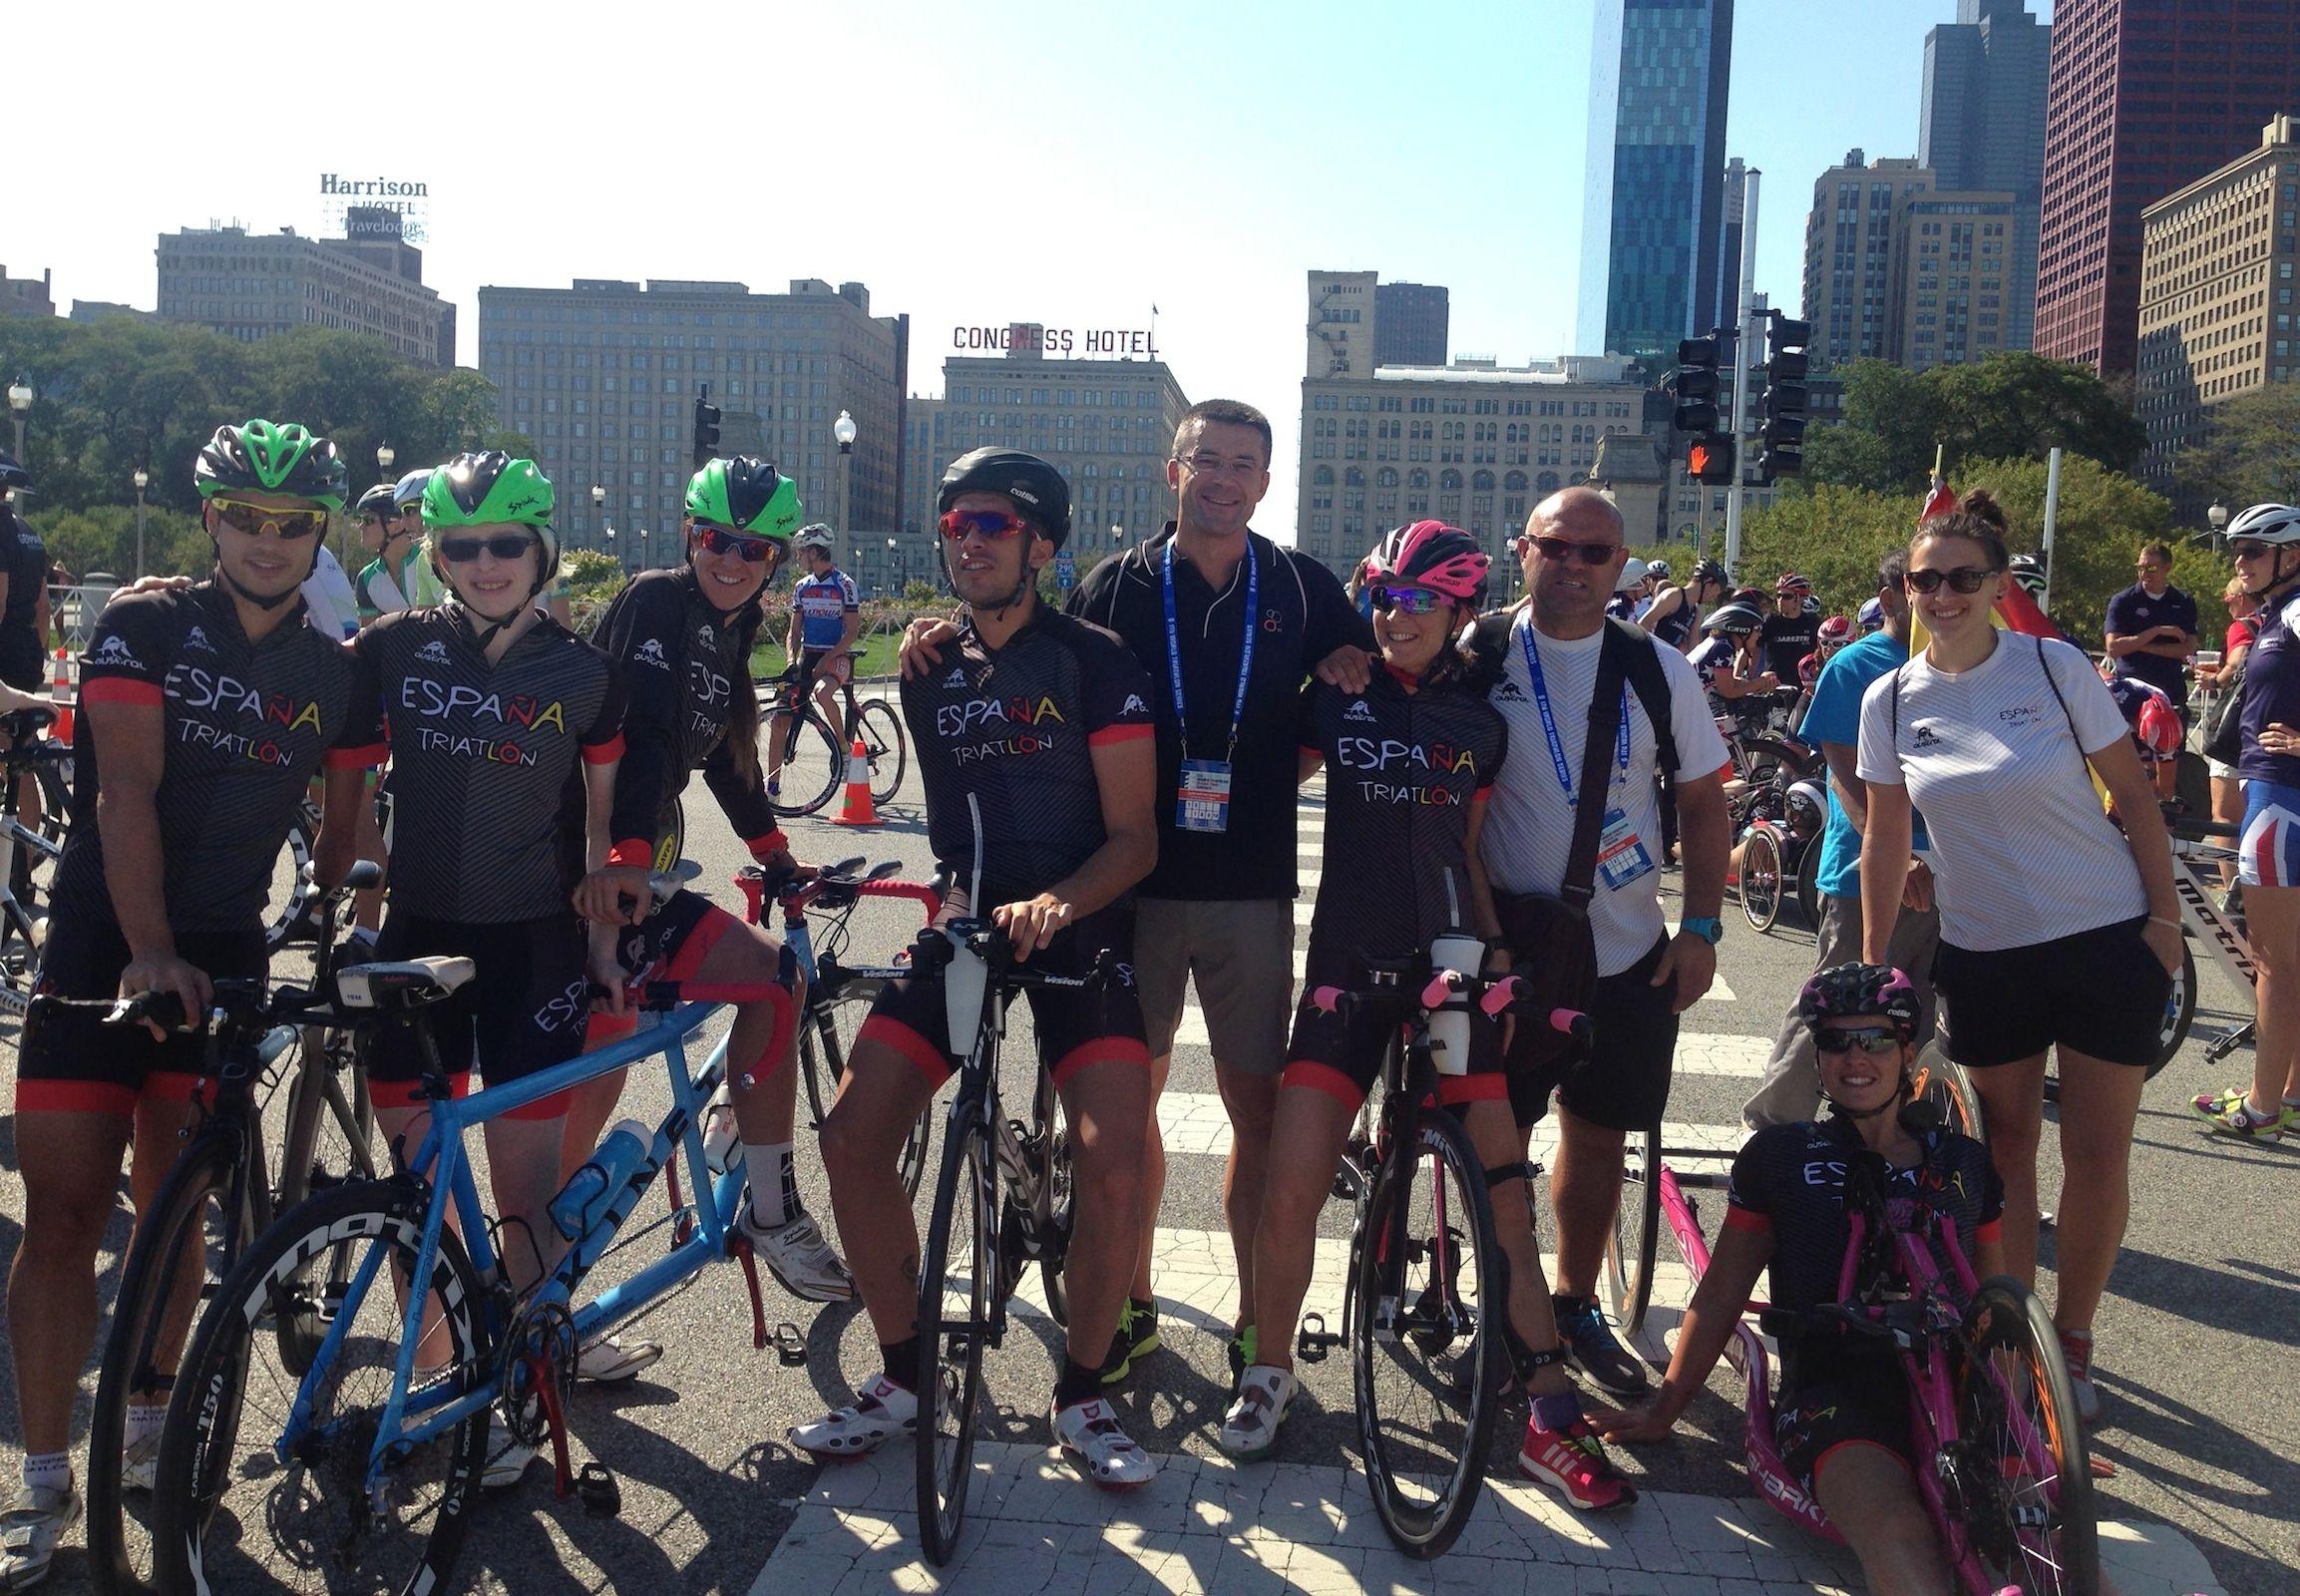 En el centro, el profesor de la CEU-UCH Javier Martínez Gramage, junto a triatletas y paratriatletas del equipo español, este fin de semana en el campeonato mundial de Chicago.